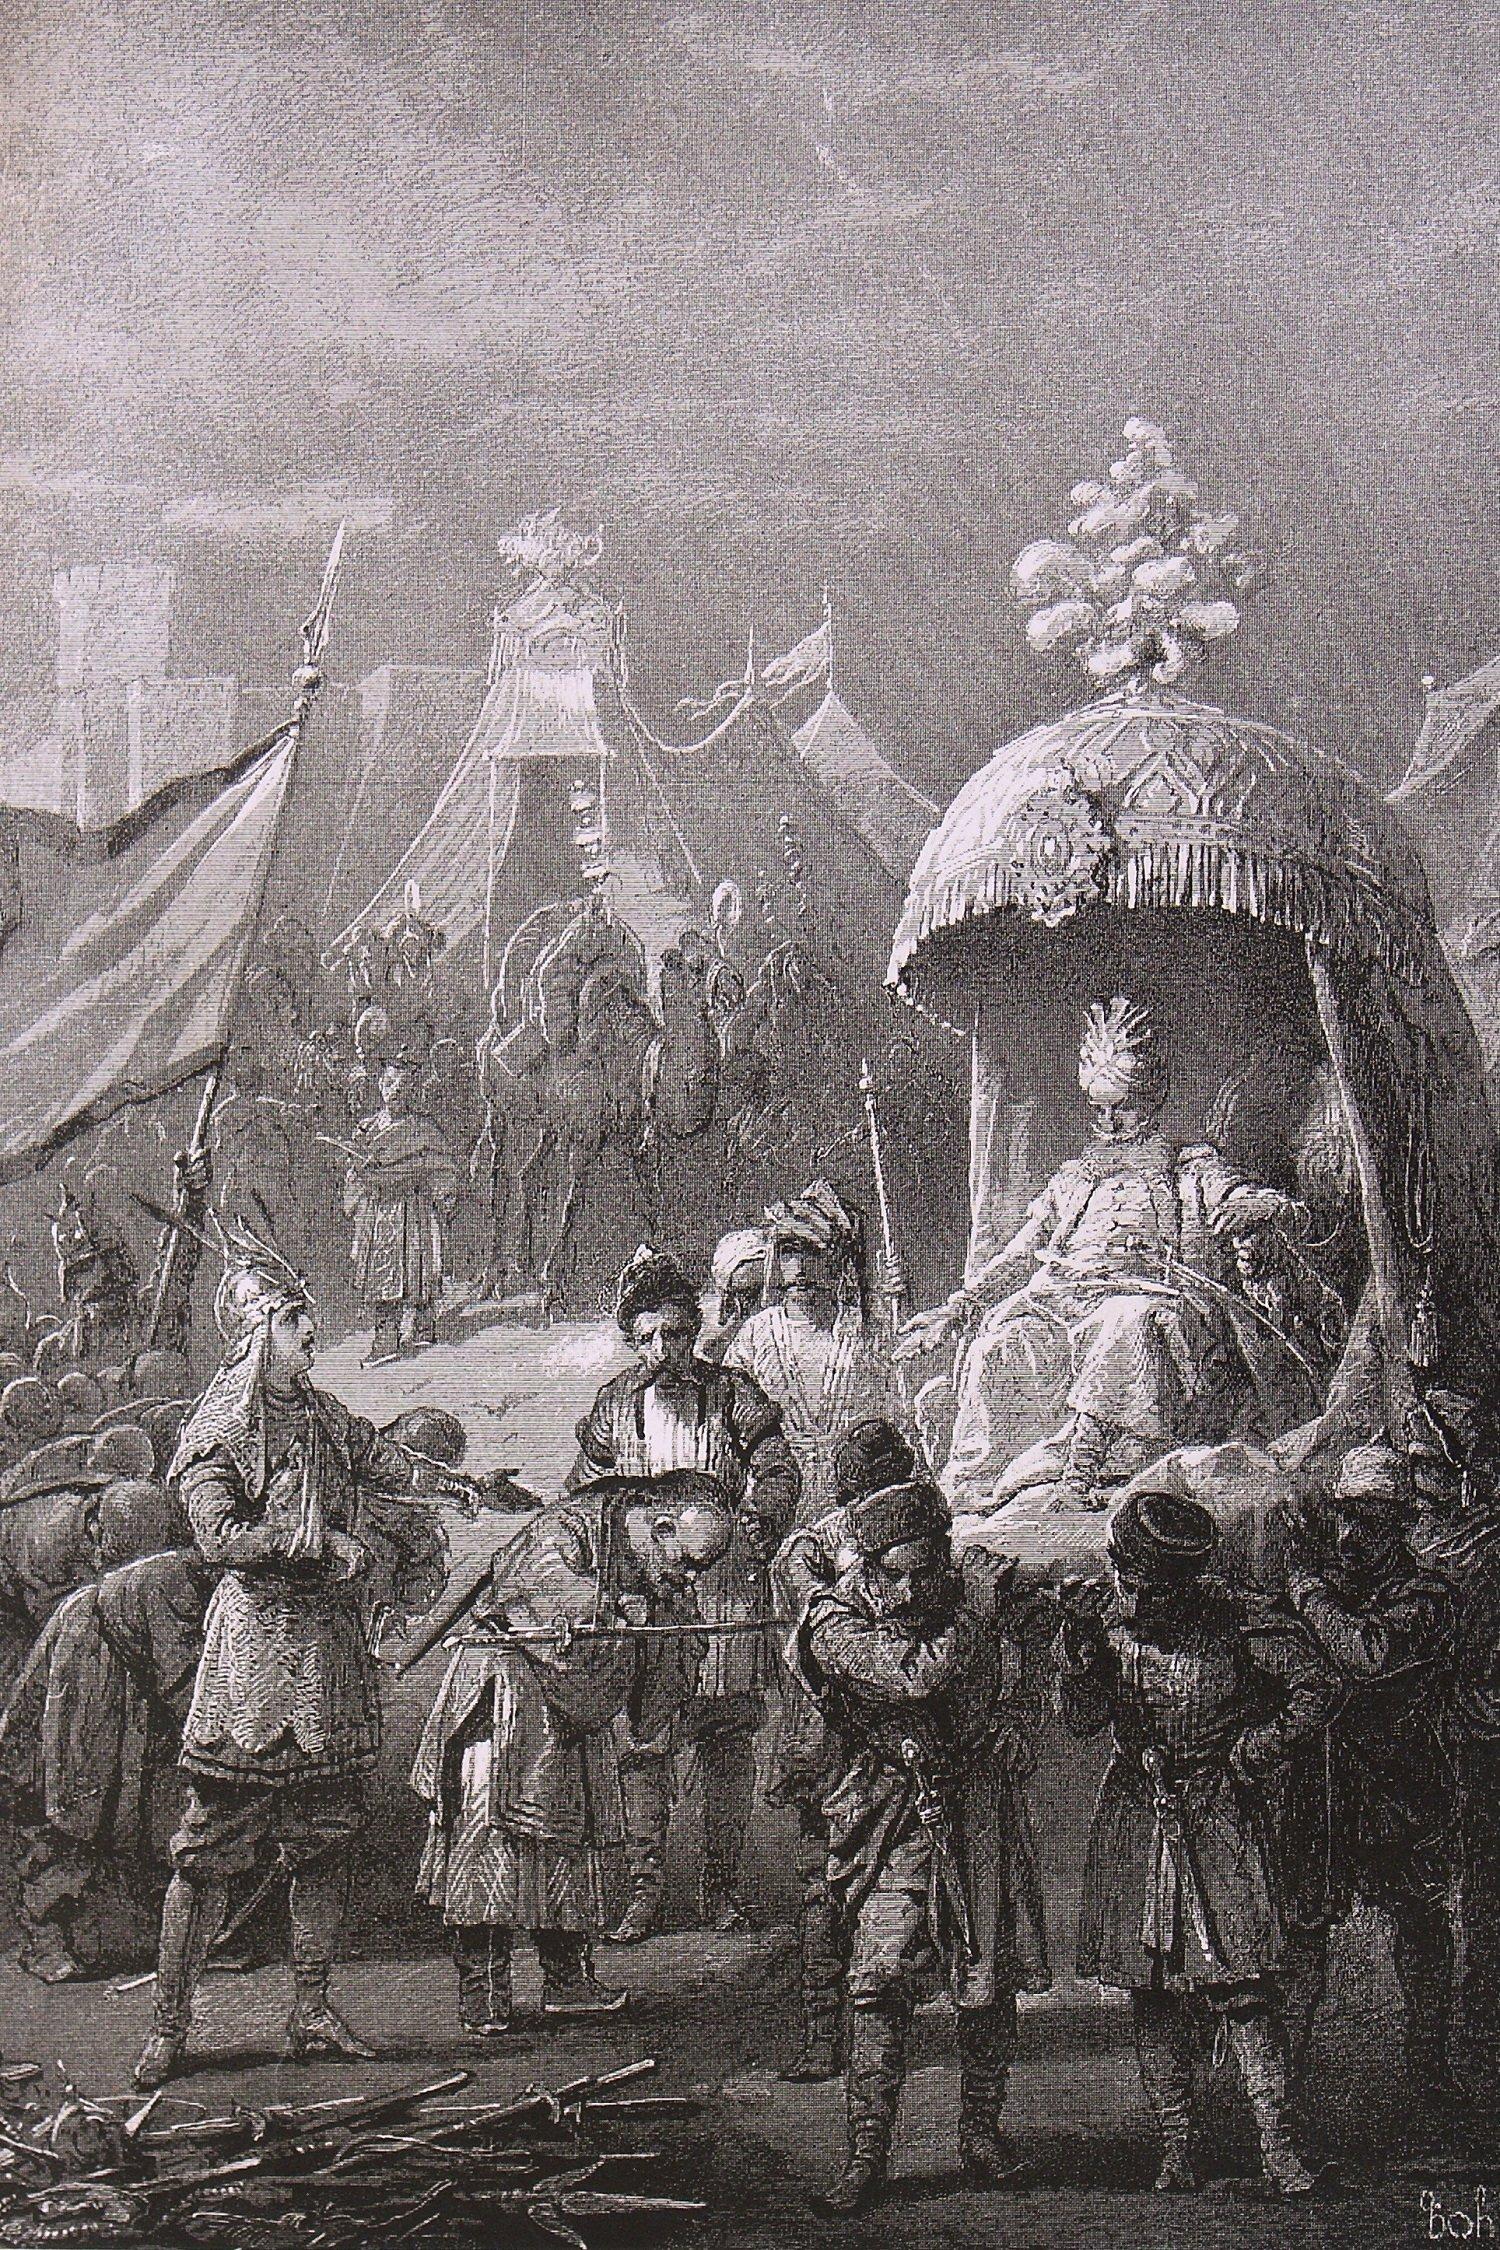 Михай Зичи Во дворец привел, под стражей, плененного царя хатавов